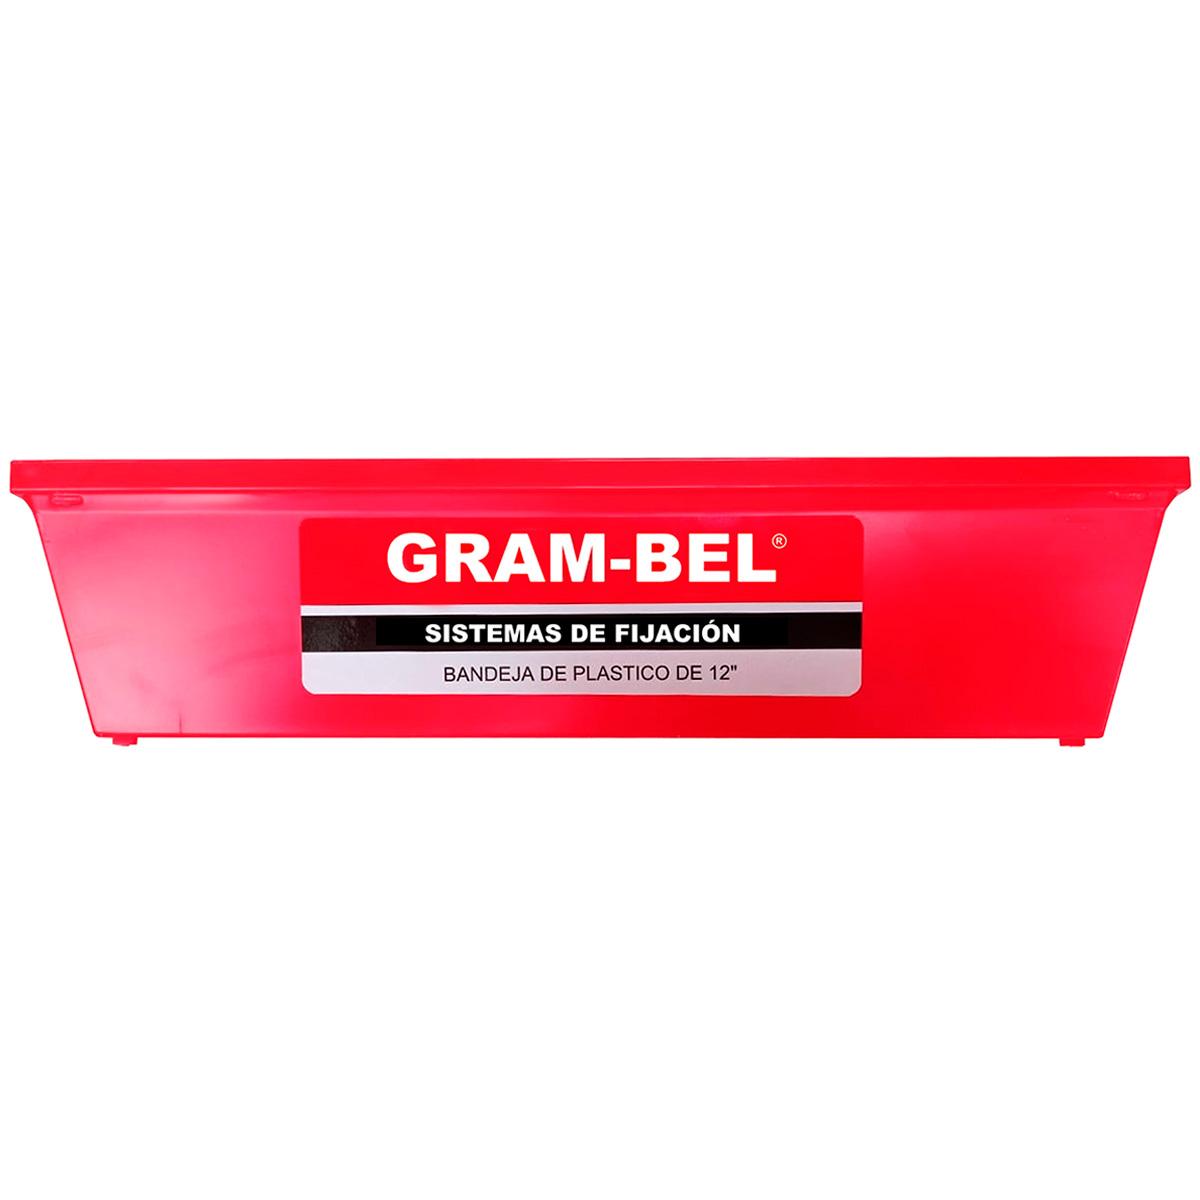 Bandeja Rectangular Mezcla Tablaroca de Plastico 2L Gram-bel